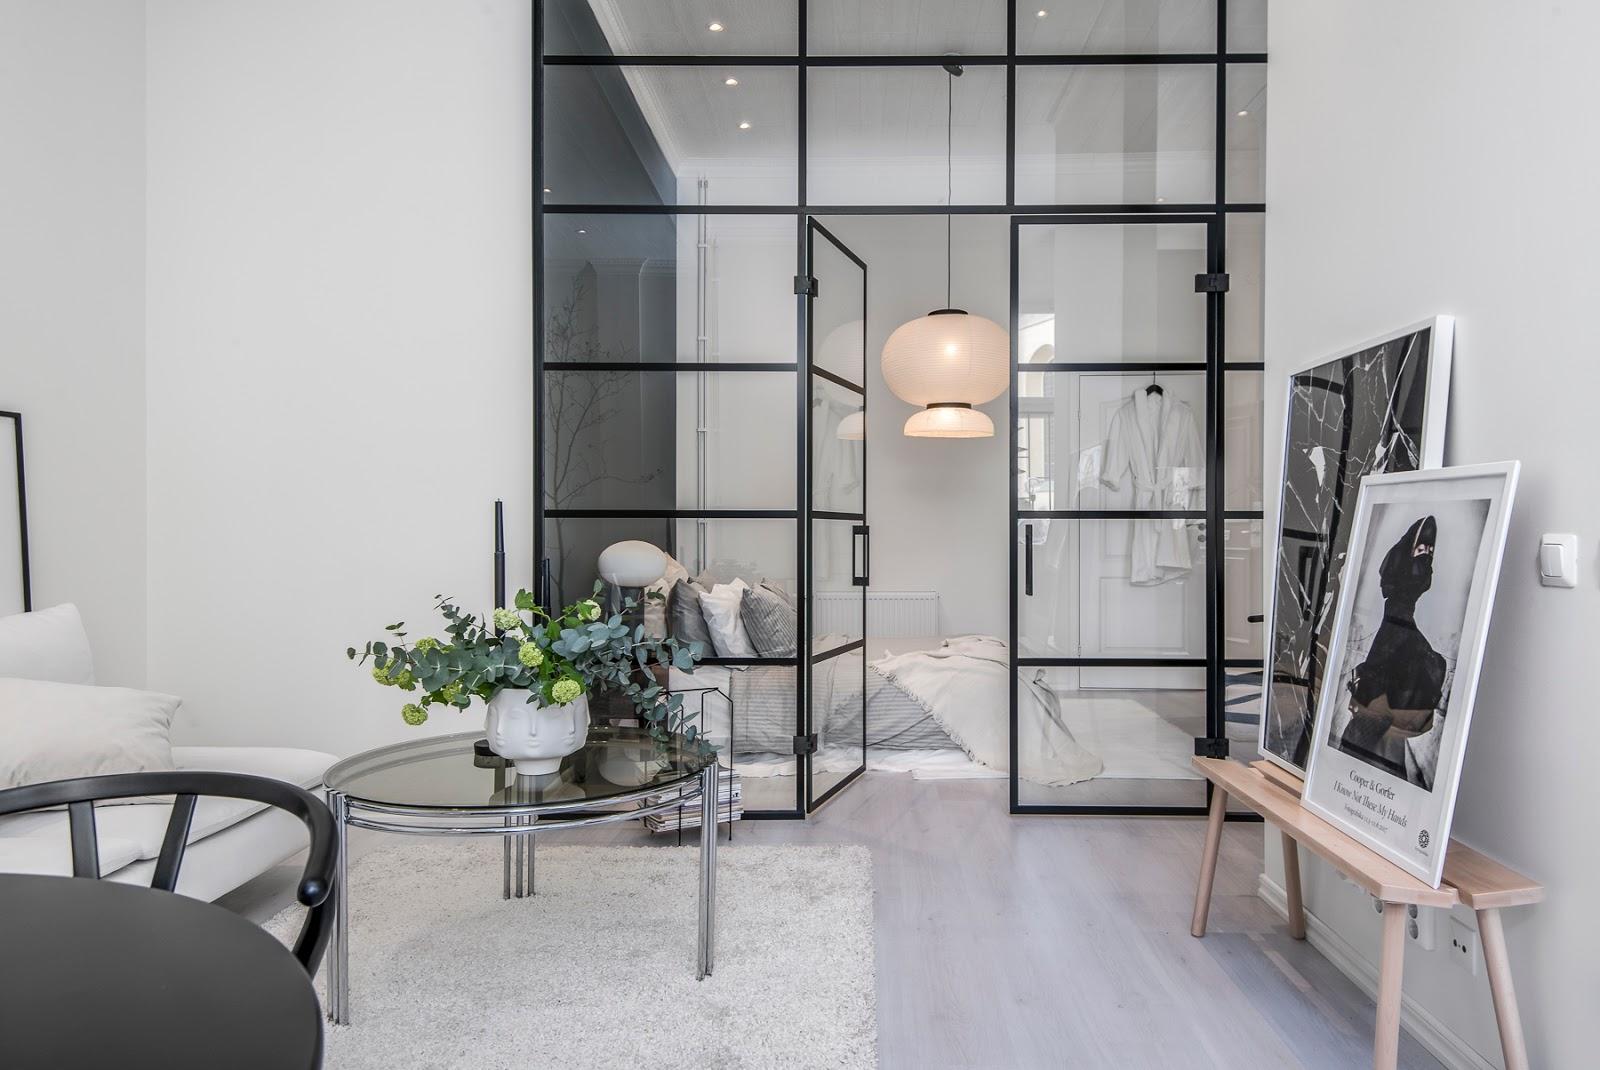 Perete de sticlă între dormitor și living într-un apartament de 55 m²